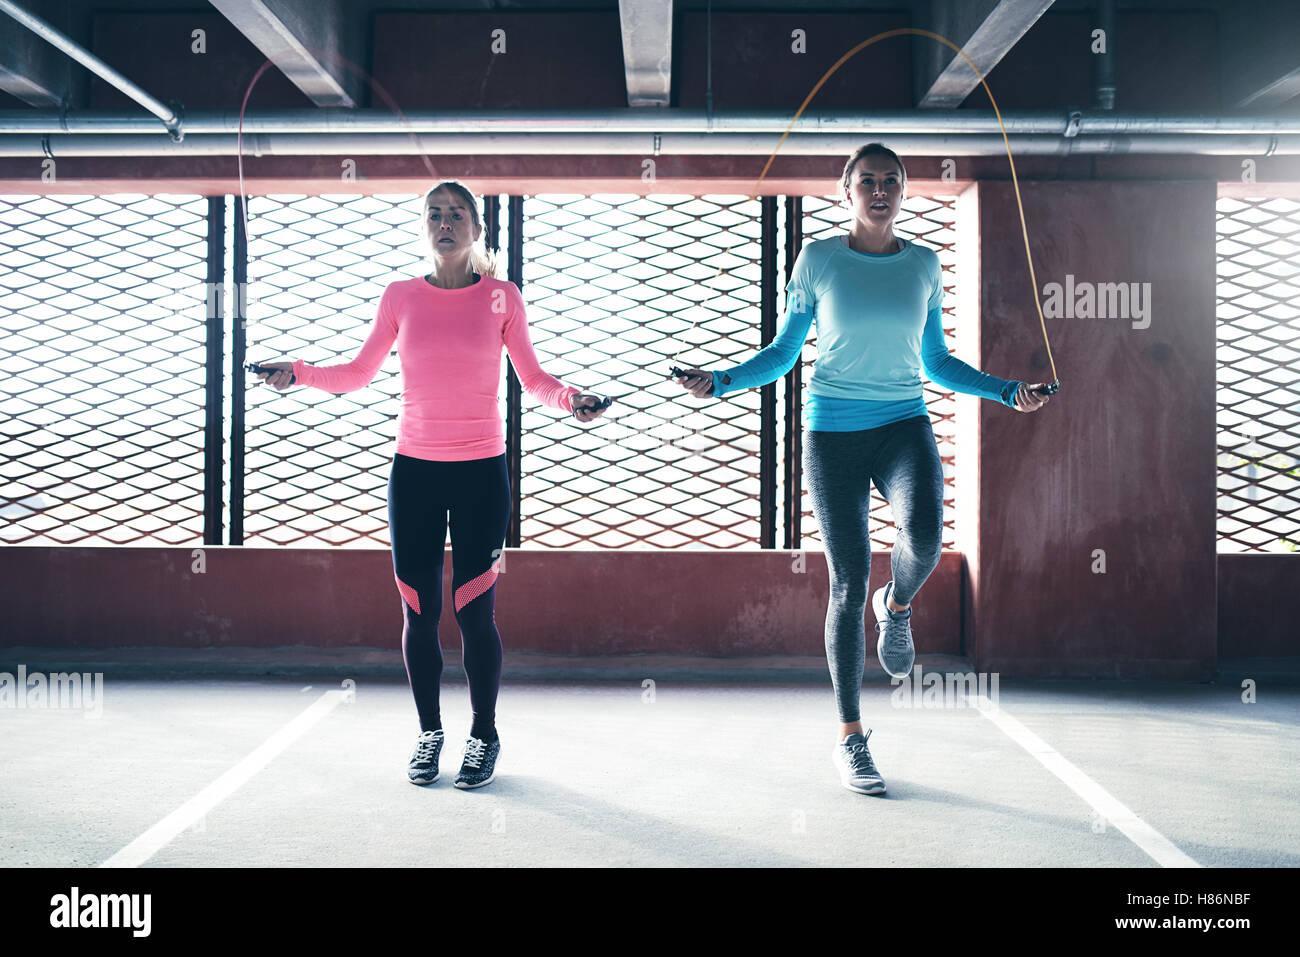 Vue avant du sport deux filles faisant sauter à la corde de l'exercice. Copyspace Photo Stock